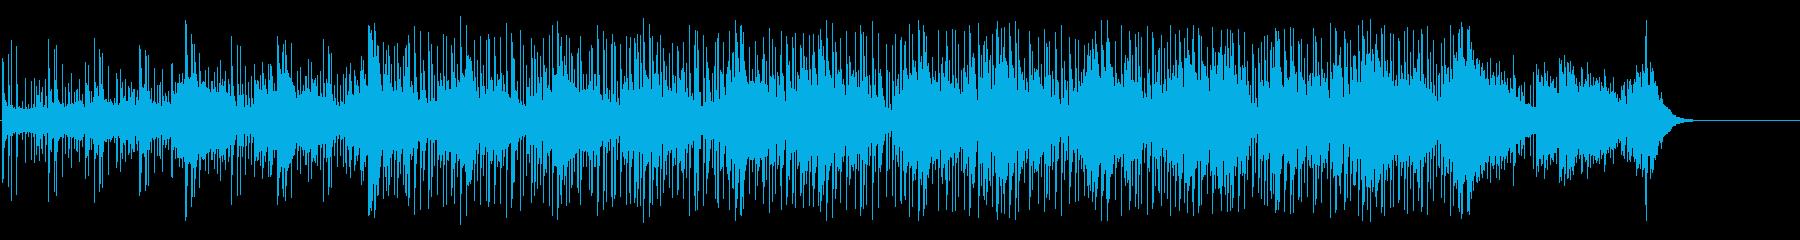 危険な香りのクラブ系マイナーBGの再生済みの波形